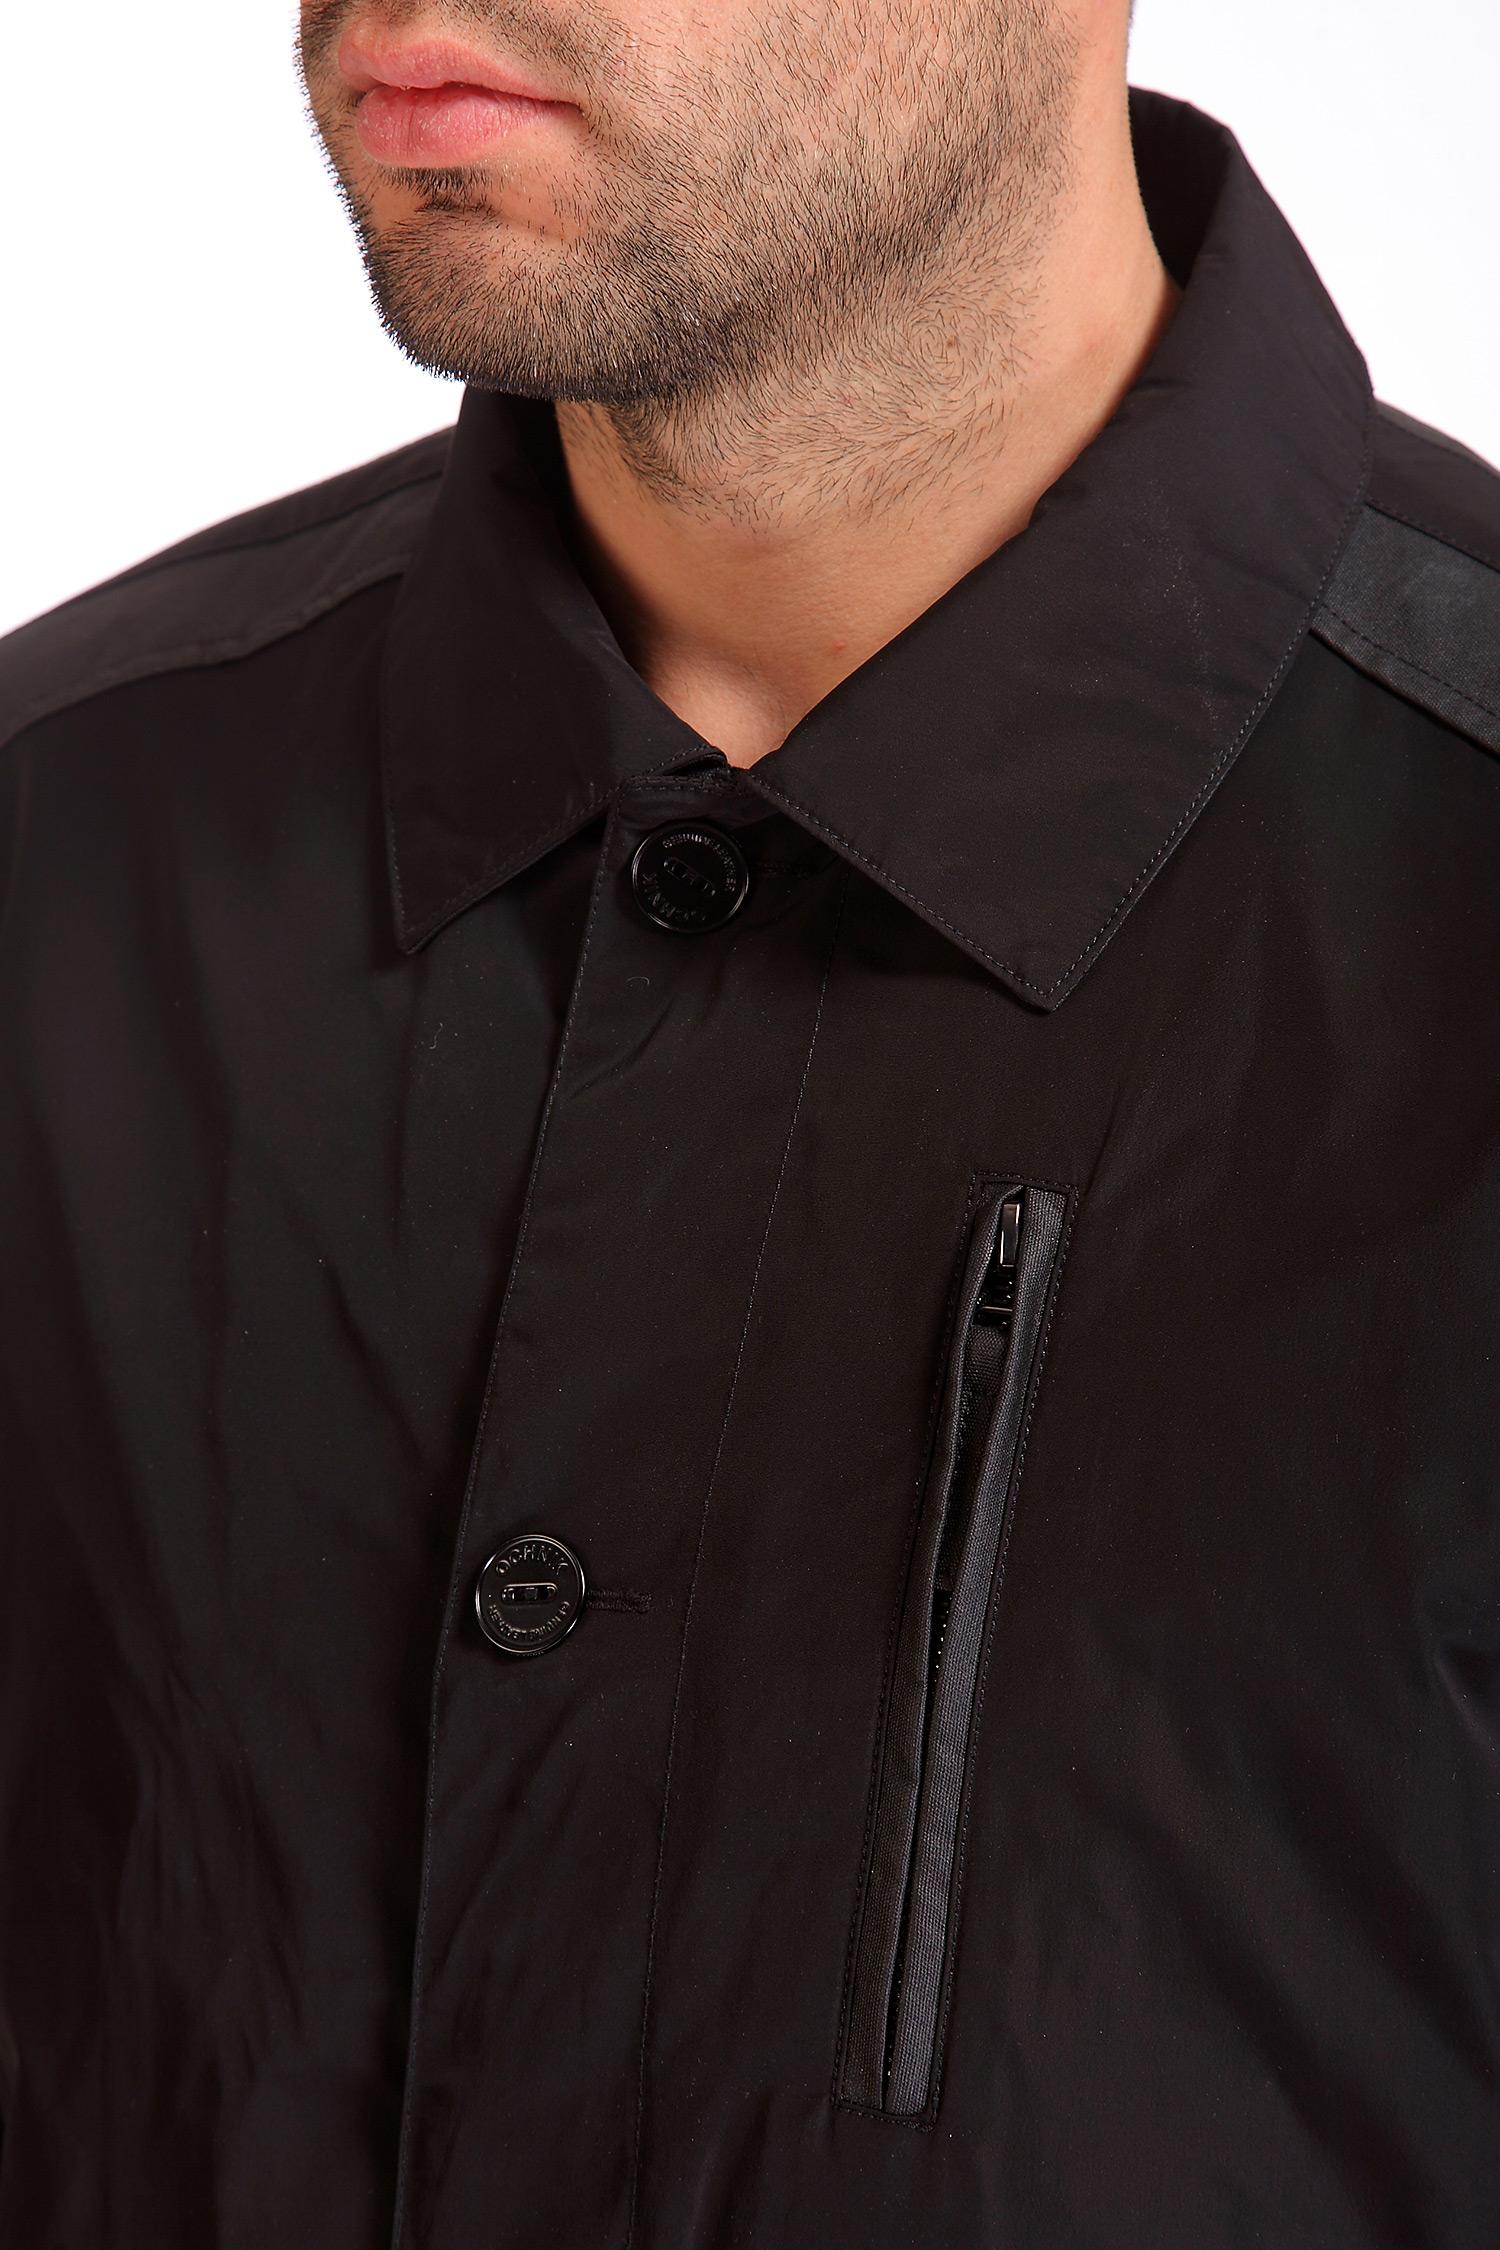 Фото 3 - Мужская куртка из текстиля с воротником, отделка искусственная кожа от МОСМЕХА черного цвета